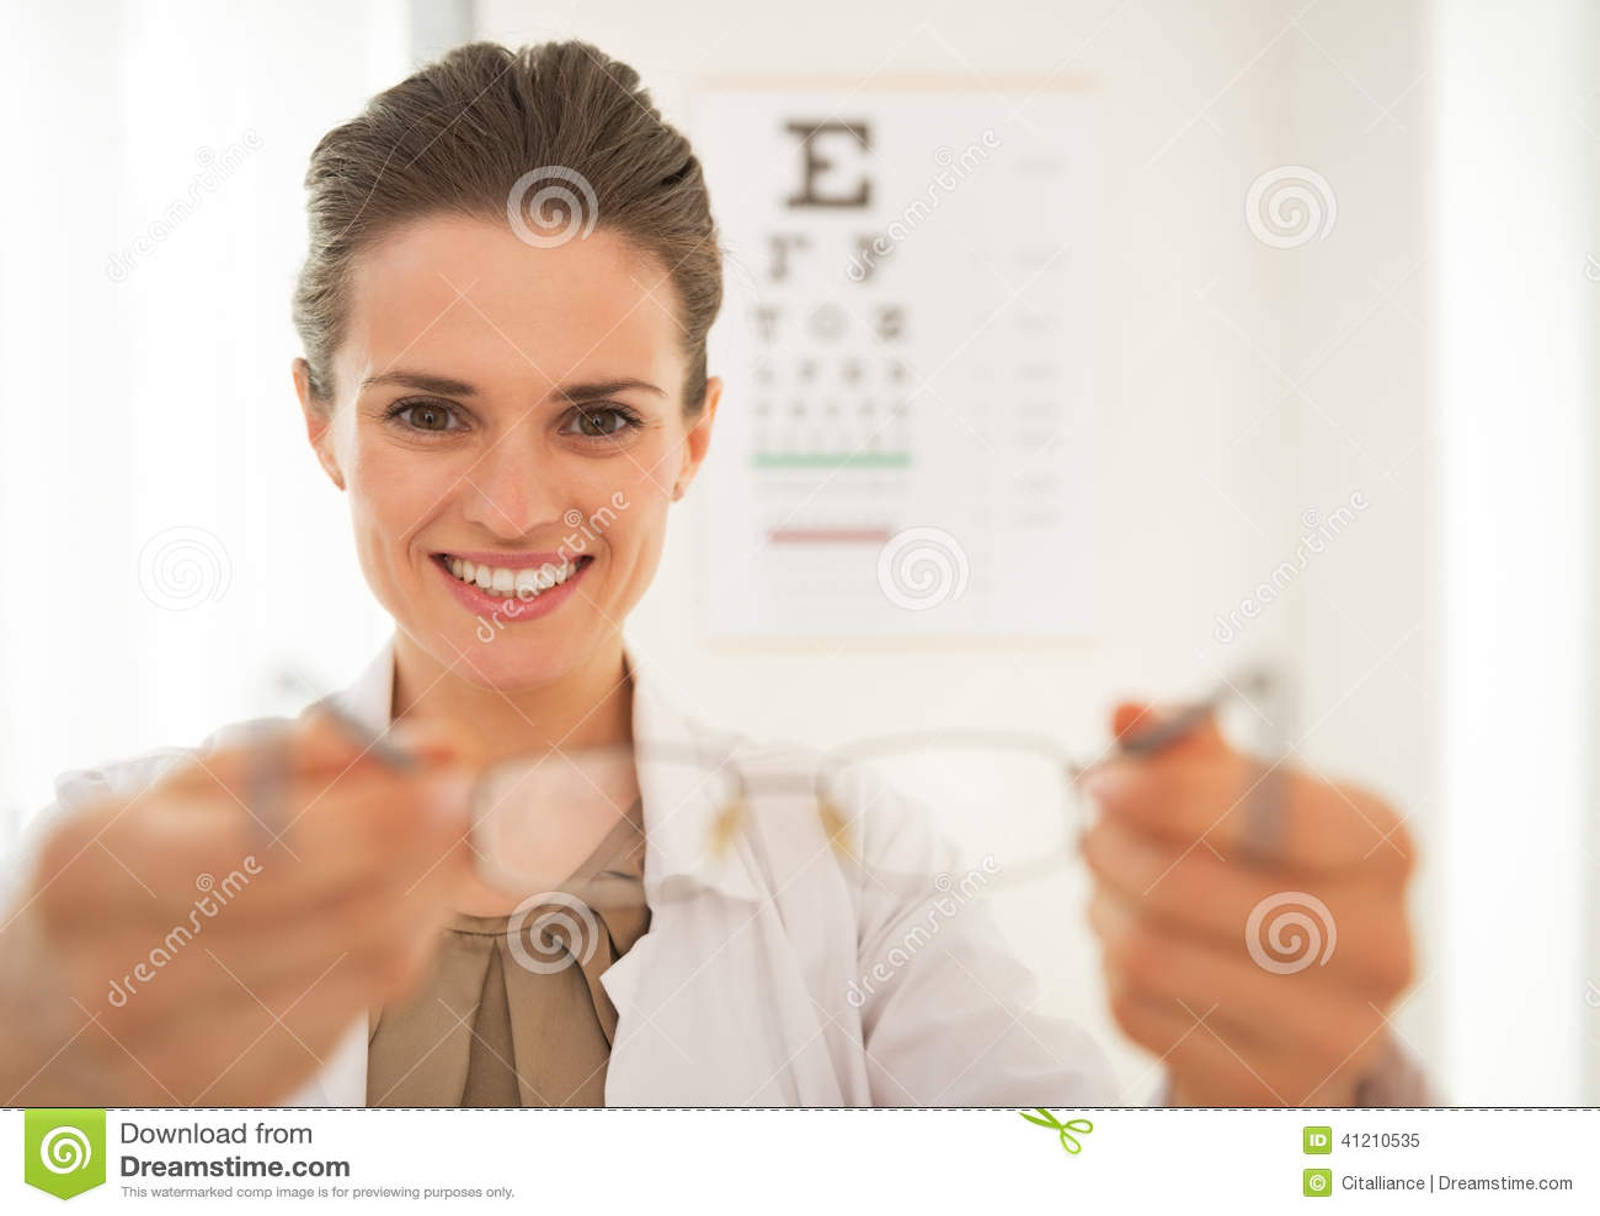 b3ce42c1ad283a L ophtalmologue de sourire soignent la femme donnant des lunettes devant  snellen le diagramme